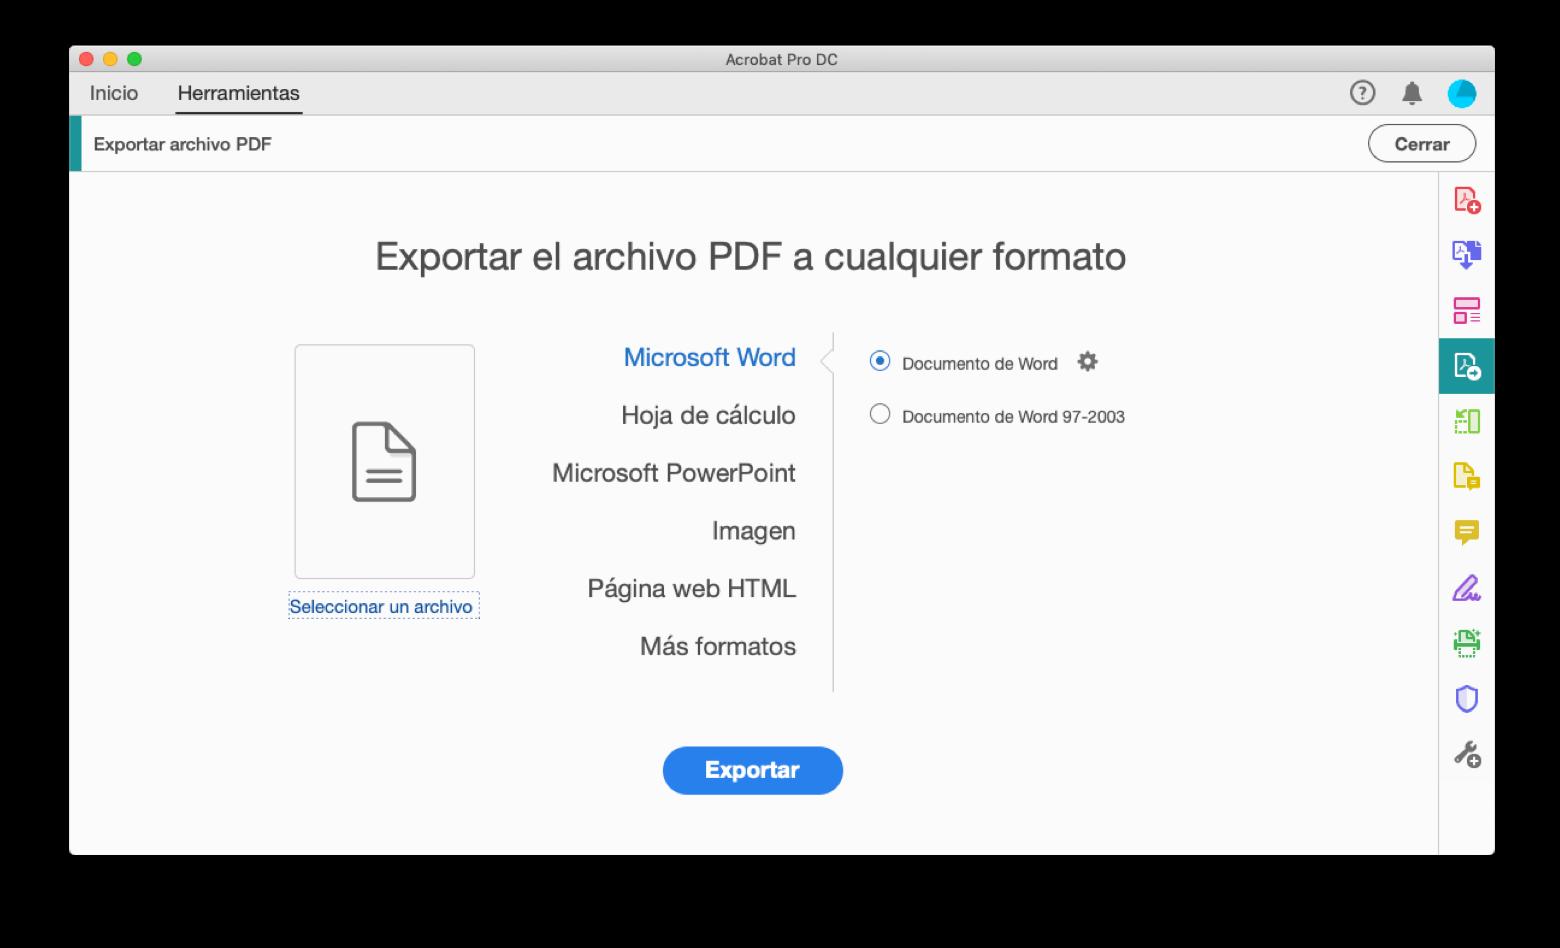 Exportar a partir de un archivo PDF con Adobe Acrobat Pro